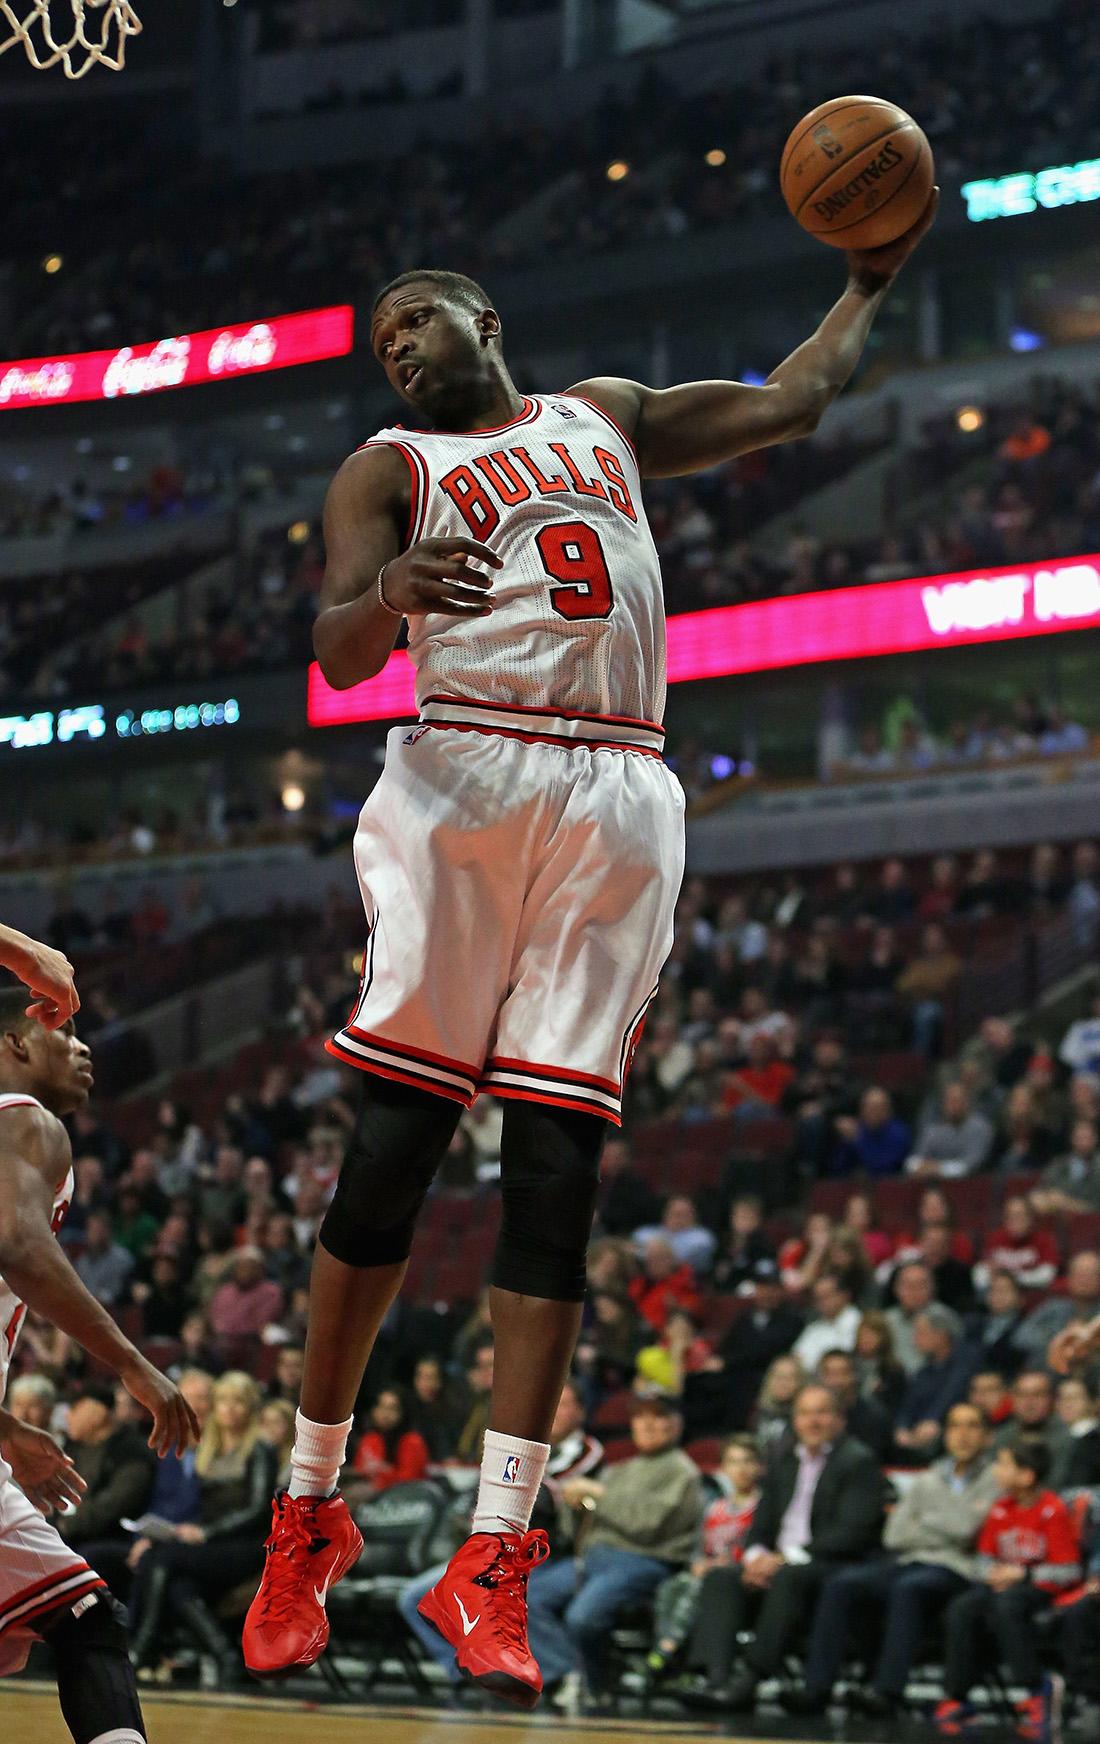 LUOL DENG de los bulls en viva basquet